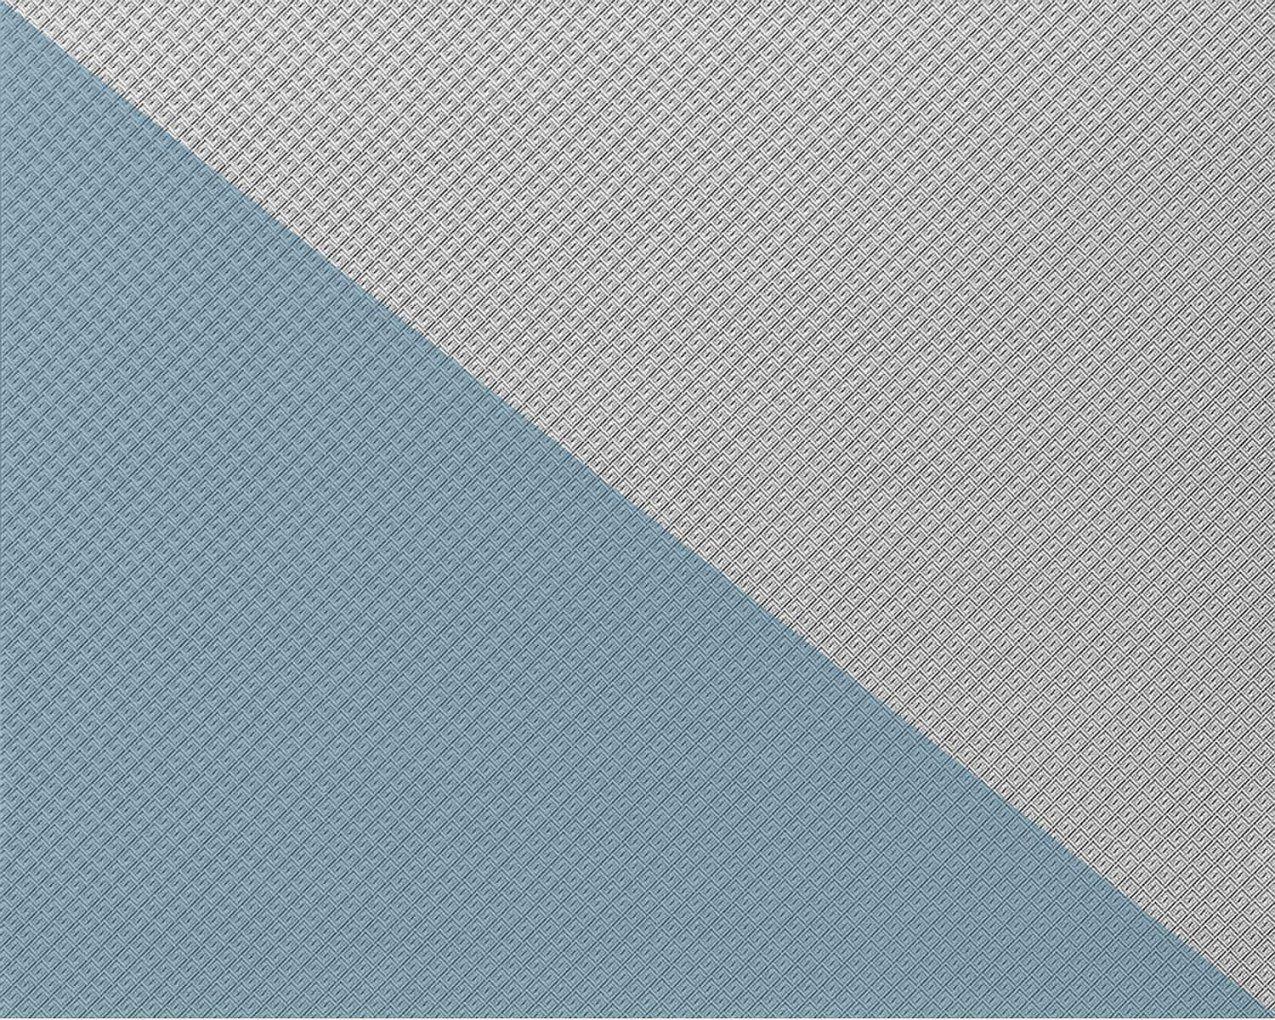 Edem 33060 Xxl Vliestapete Netzstruktur Zum Überstreichen Weiss von Vliestapete Weiß Mit Struktur Bild